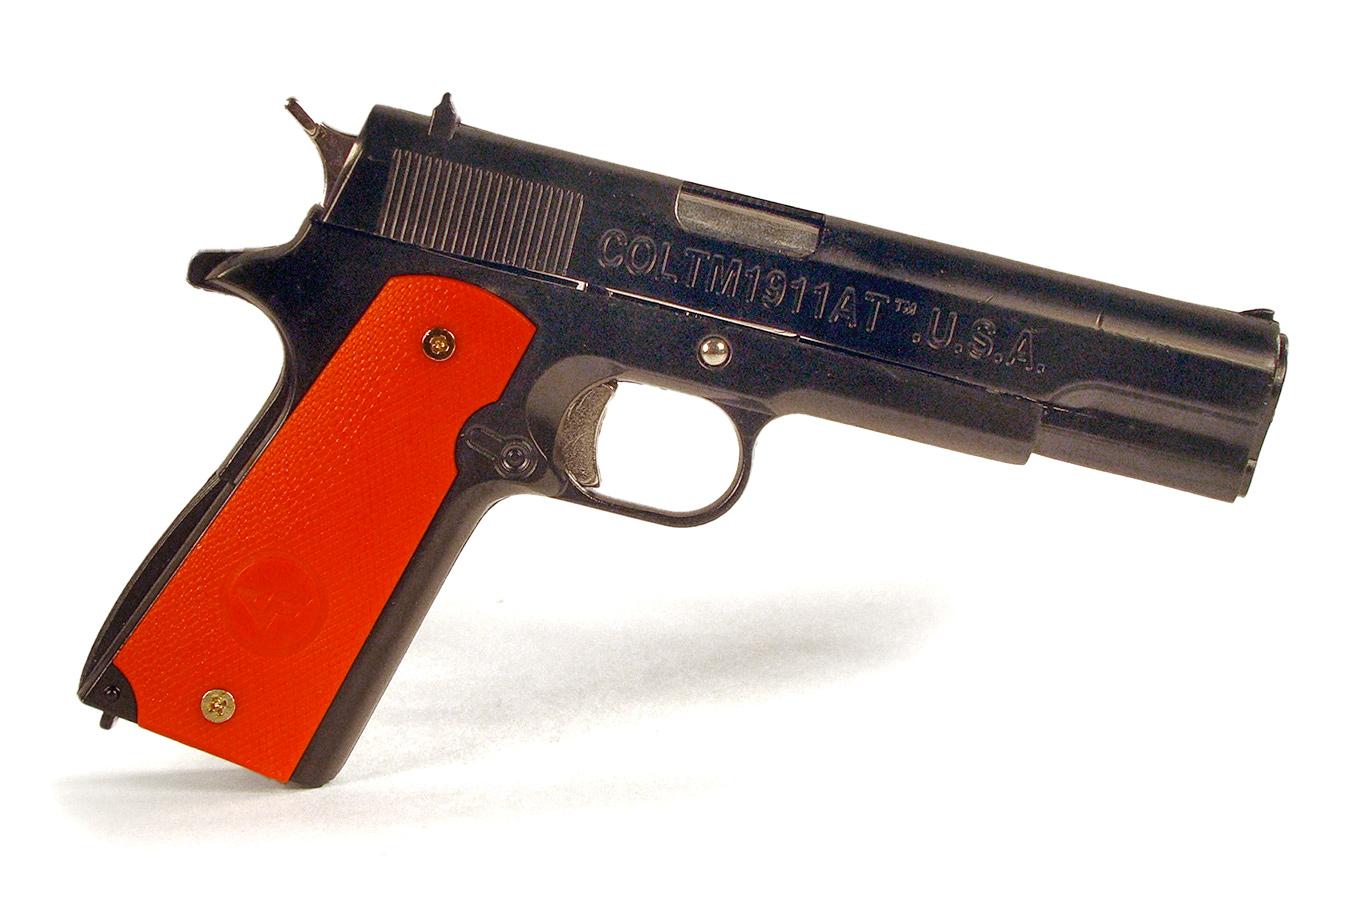 Макет пистолета Colt M1911A1, 15 см